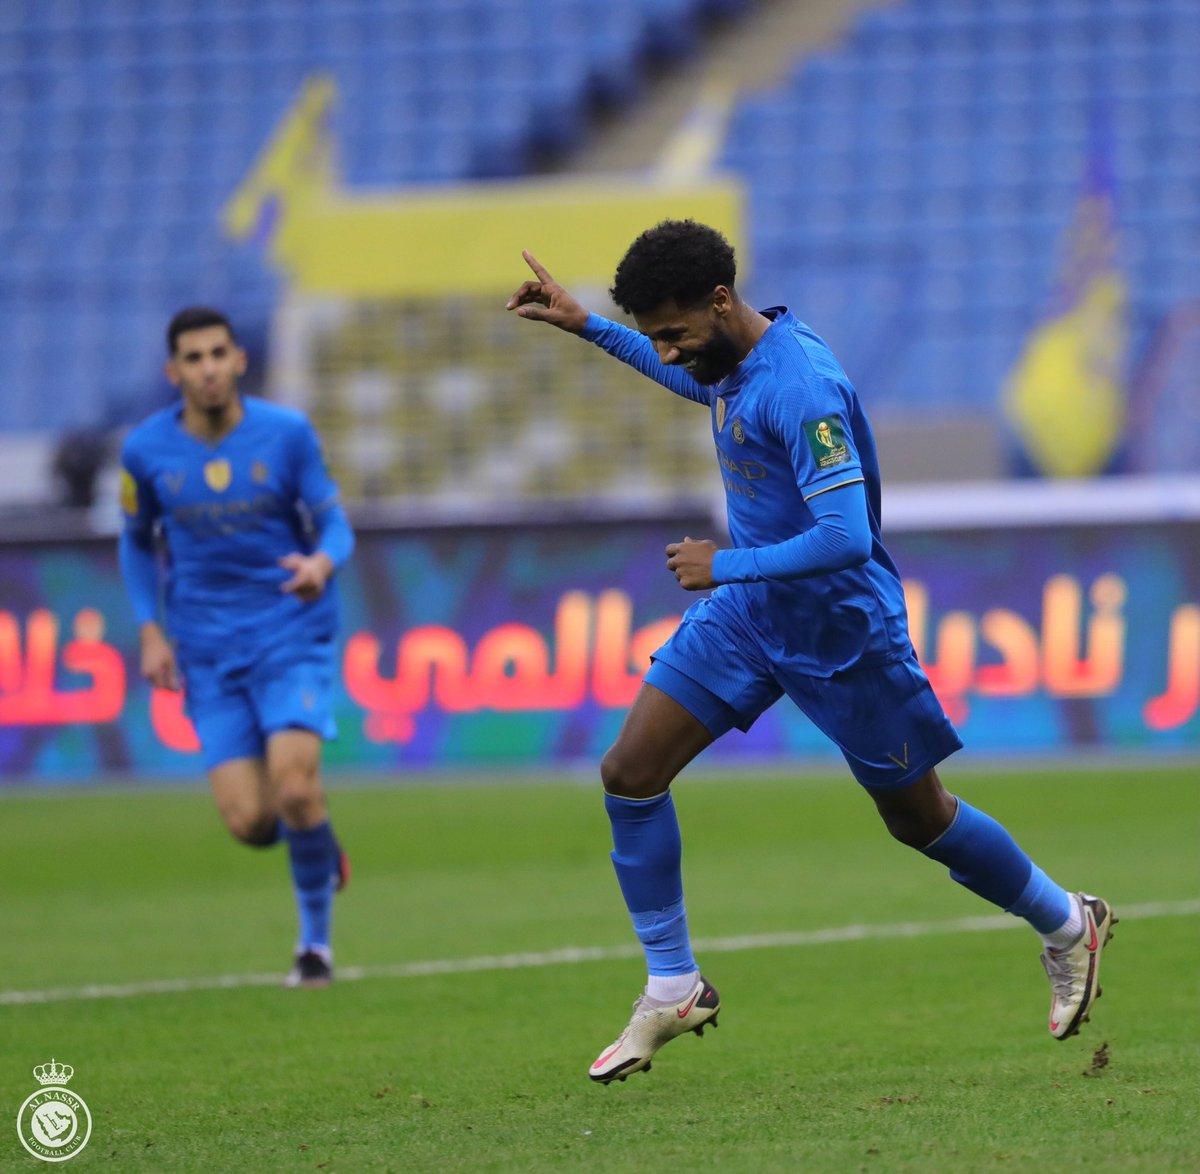 مدرج الهلال On Twitter نادي الهلال يقدم عرض للاعب سامي النجعي لاعب نادي النصر